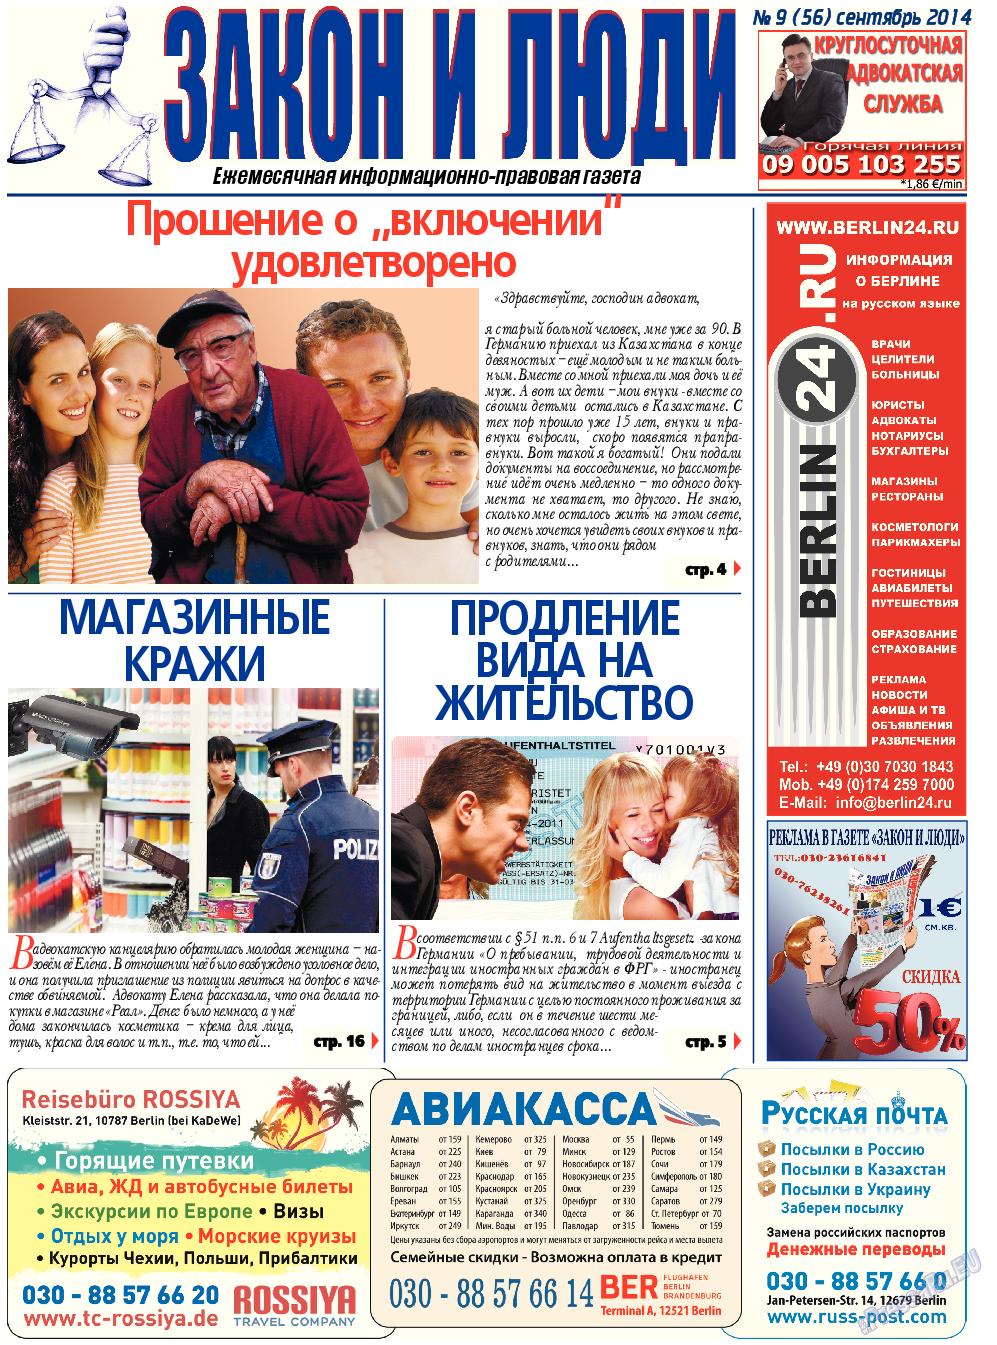 Закон и люди (газета). 2014 год, номер 9, стр. 1